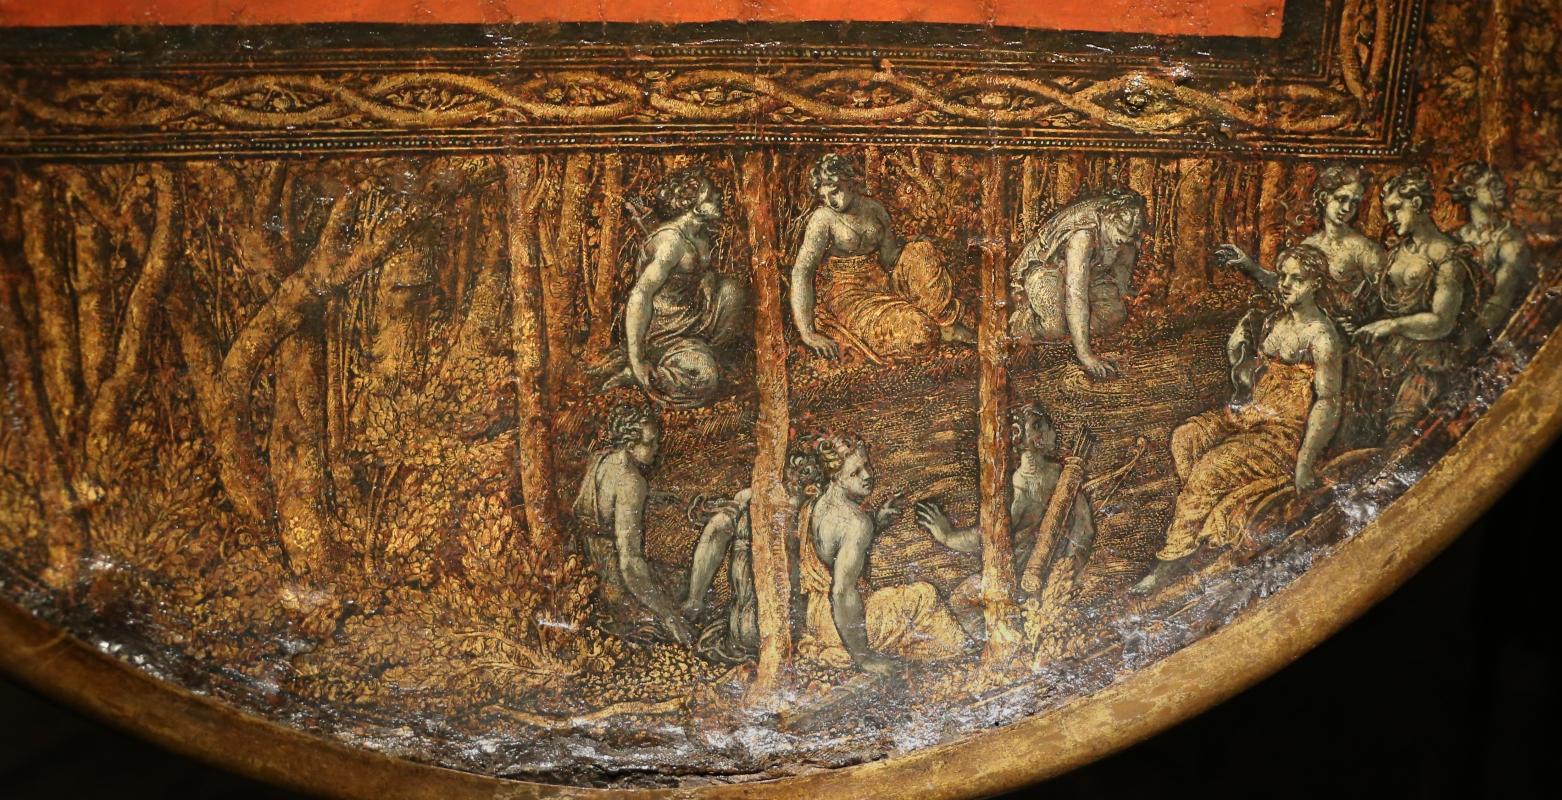 Polidoro da caravaggio, rotella da parata con assedio di cartagena e episodio di diana atteone, 1525-27 ca. (palazzo madama, to) 06 - Sailko - Ferrara (FE)